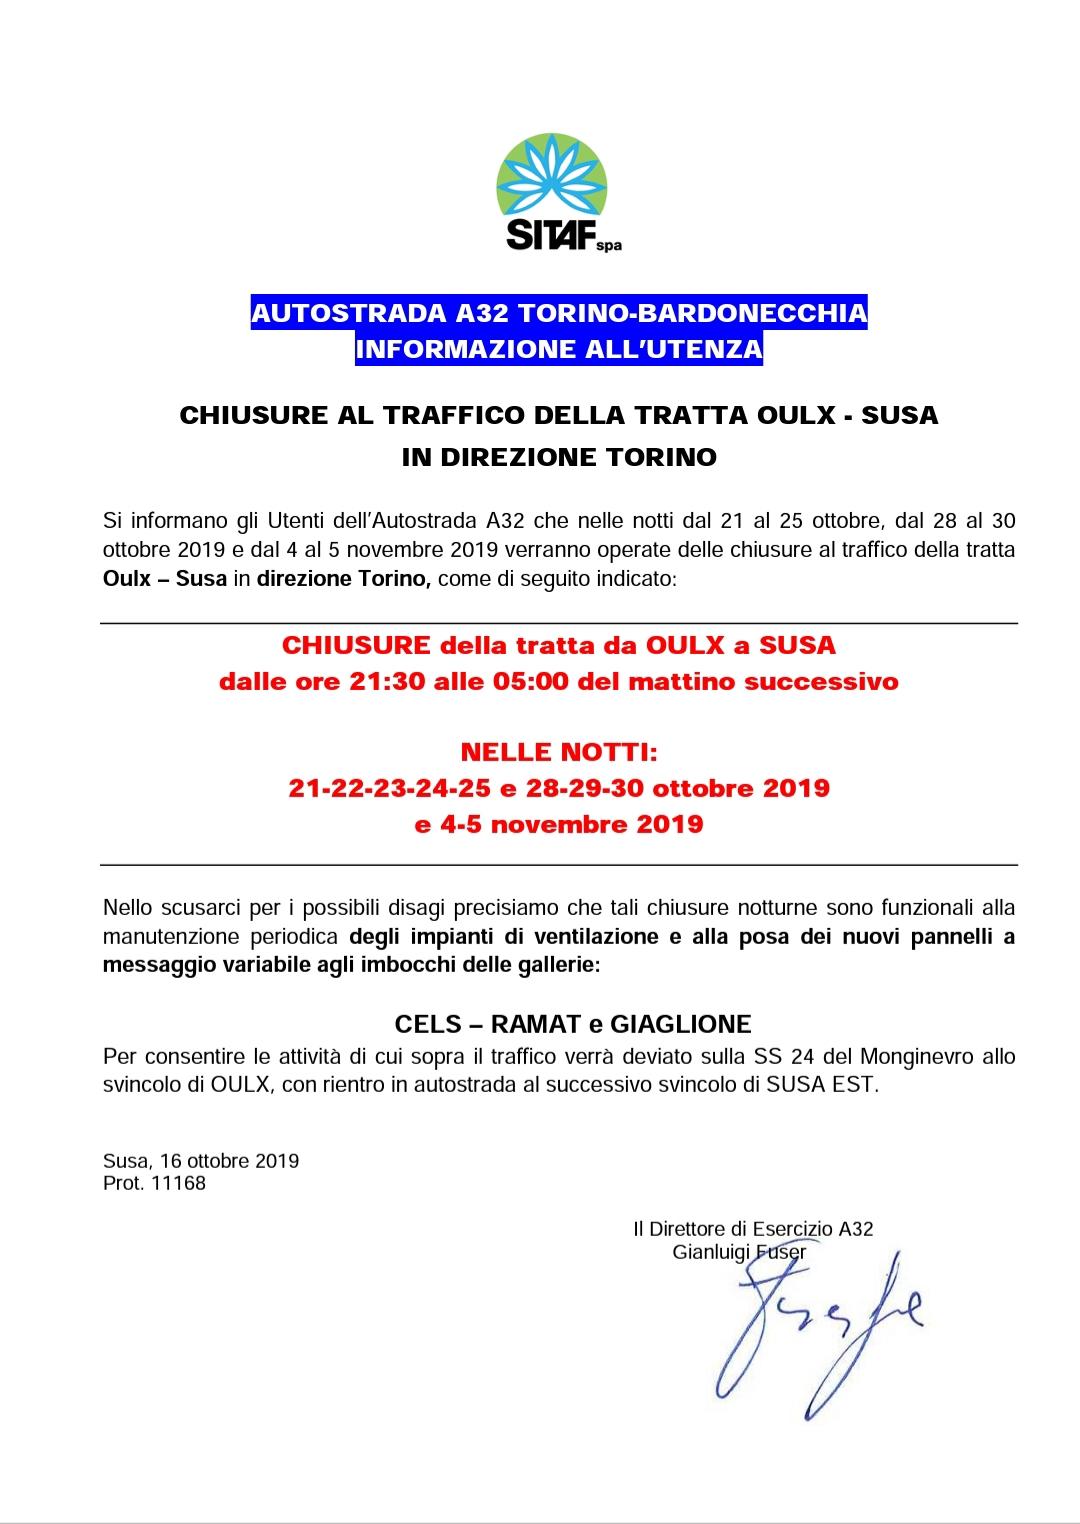 Autostrada A32 Torino-Bardonecchia: chiusura per 10 notti